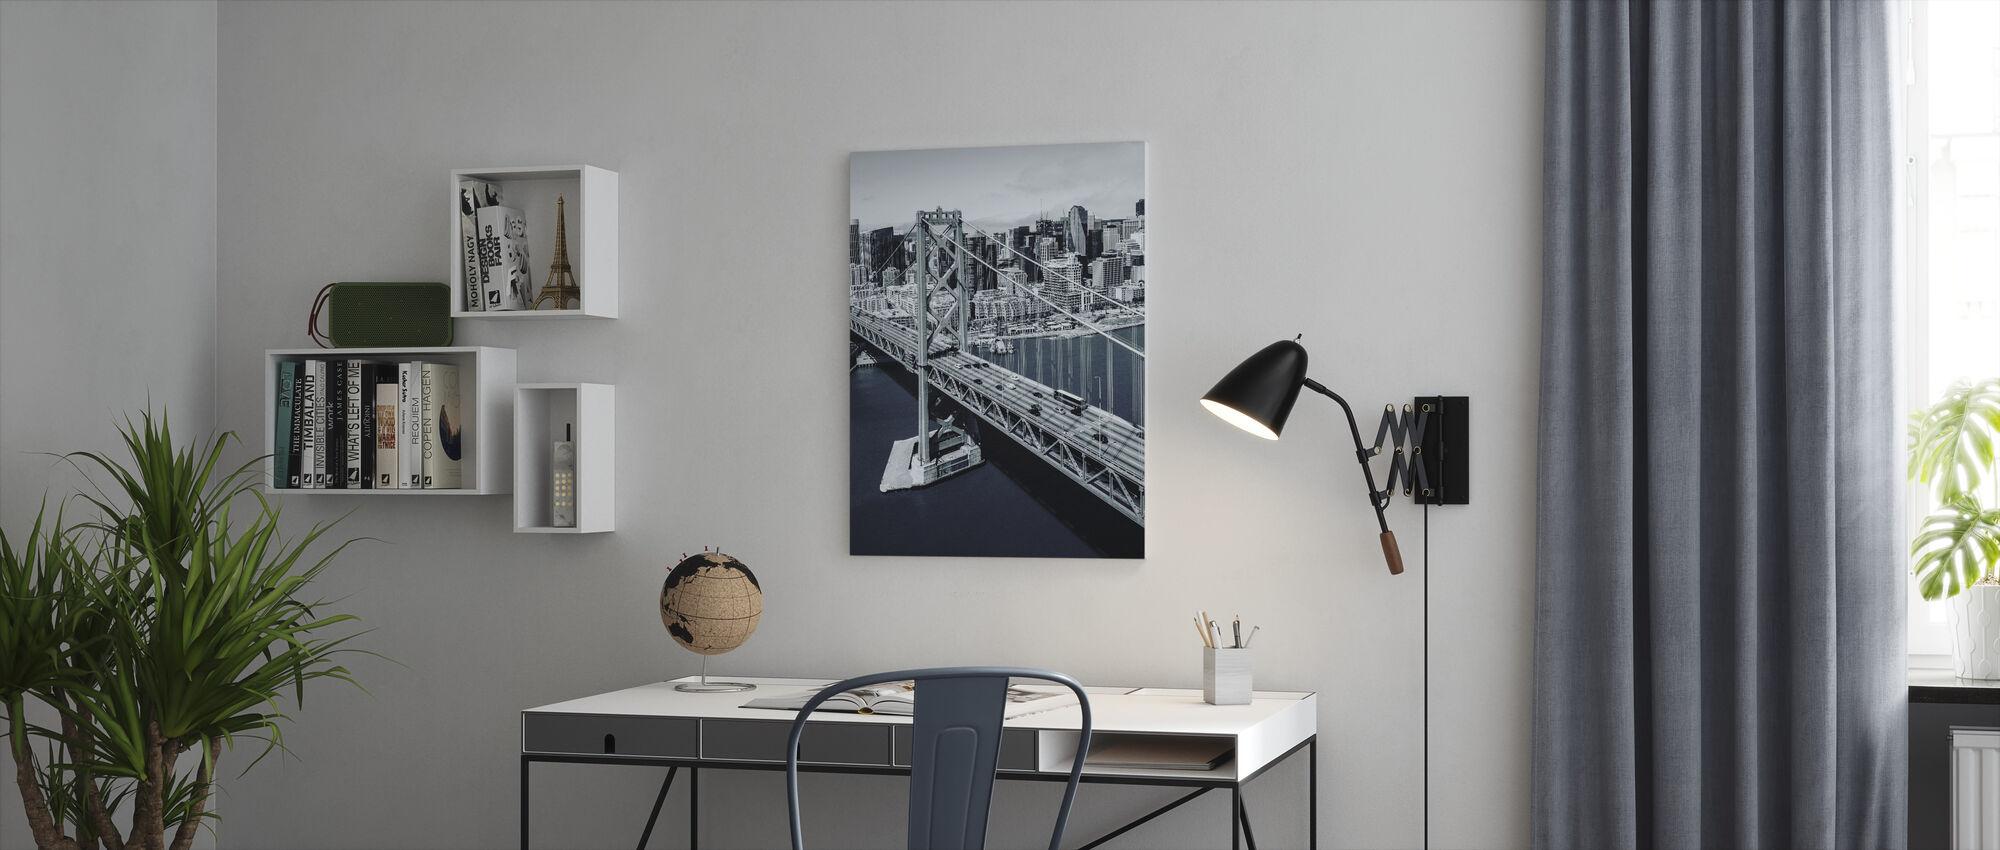 Bay-broen - Billede på lærred - Kontor